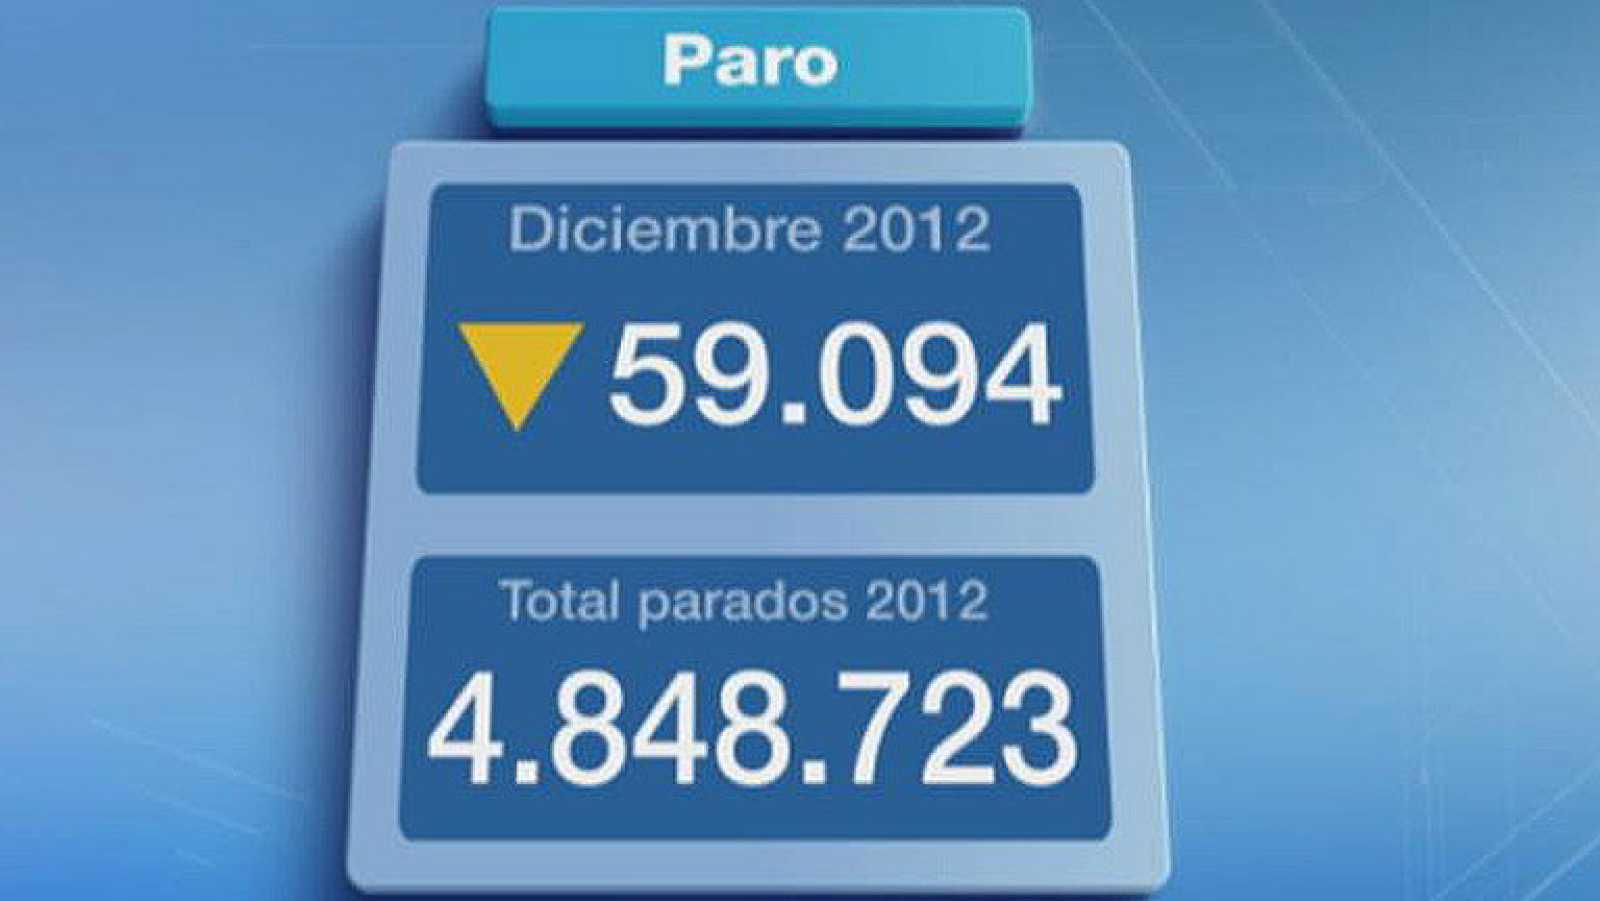 El paro registrado baja en 59.094 personas en diciembre